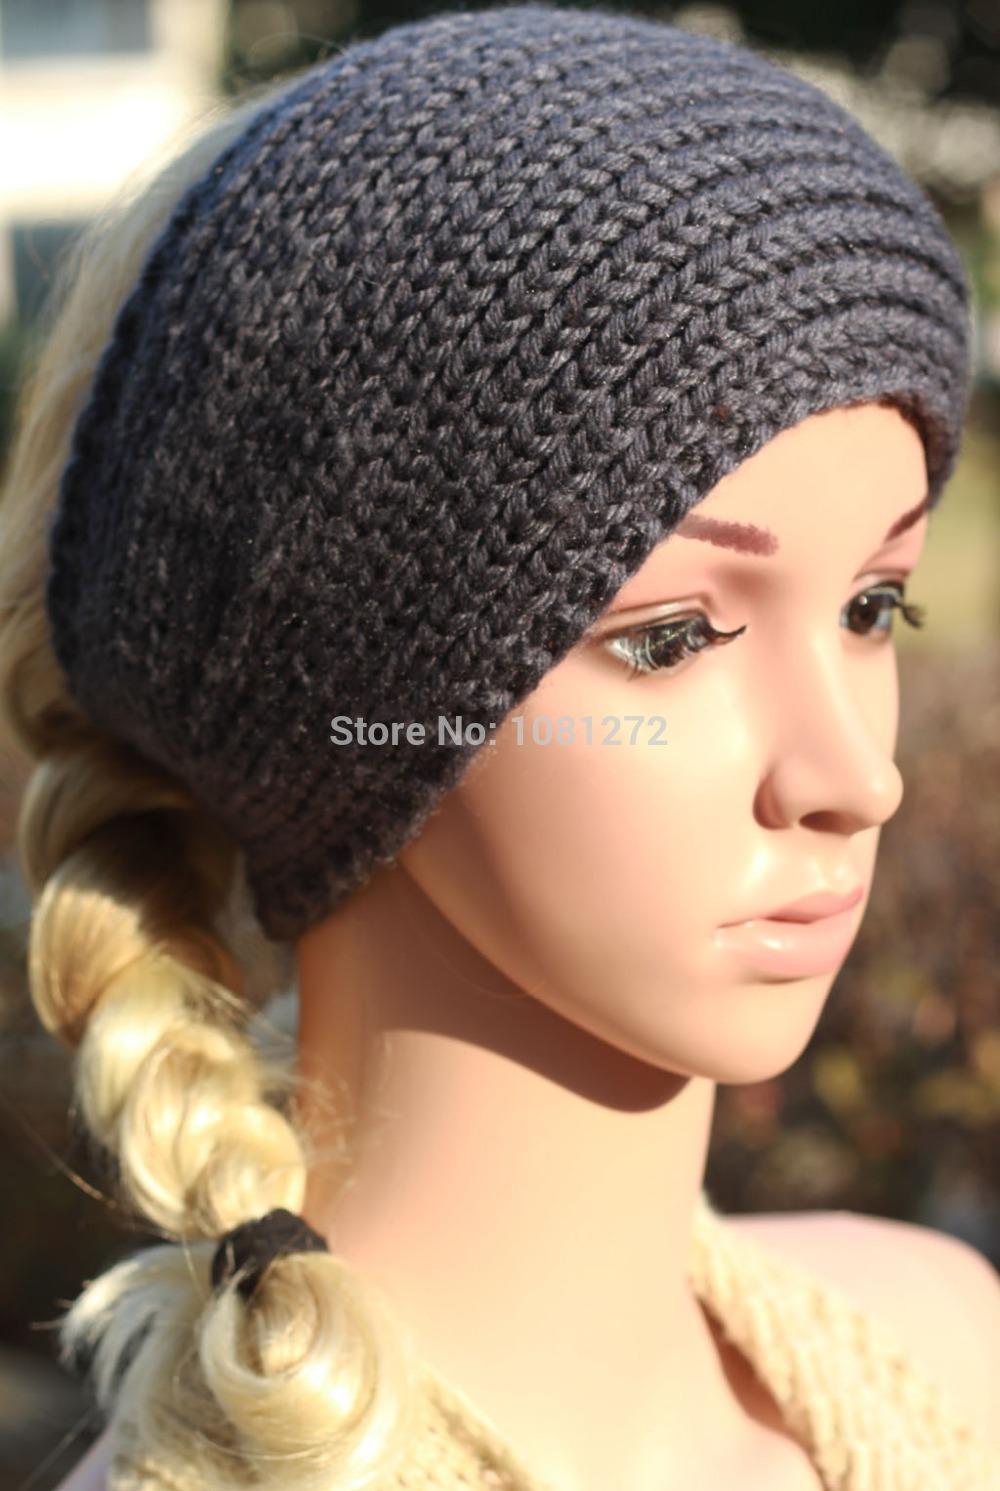 Dark gray Knit Headband,Knit Beanie,Cute Turban Headband,Earwarmer Head wrap,headband pattern,Fall and winter hair accessory(China (Mainland))